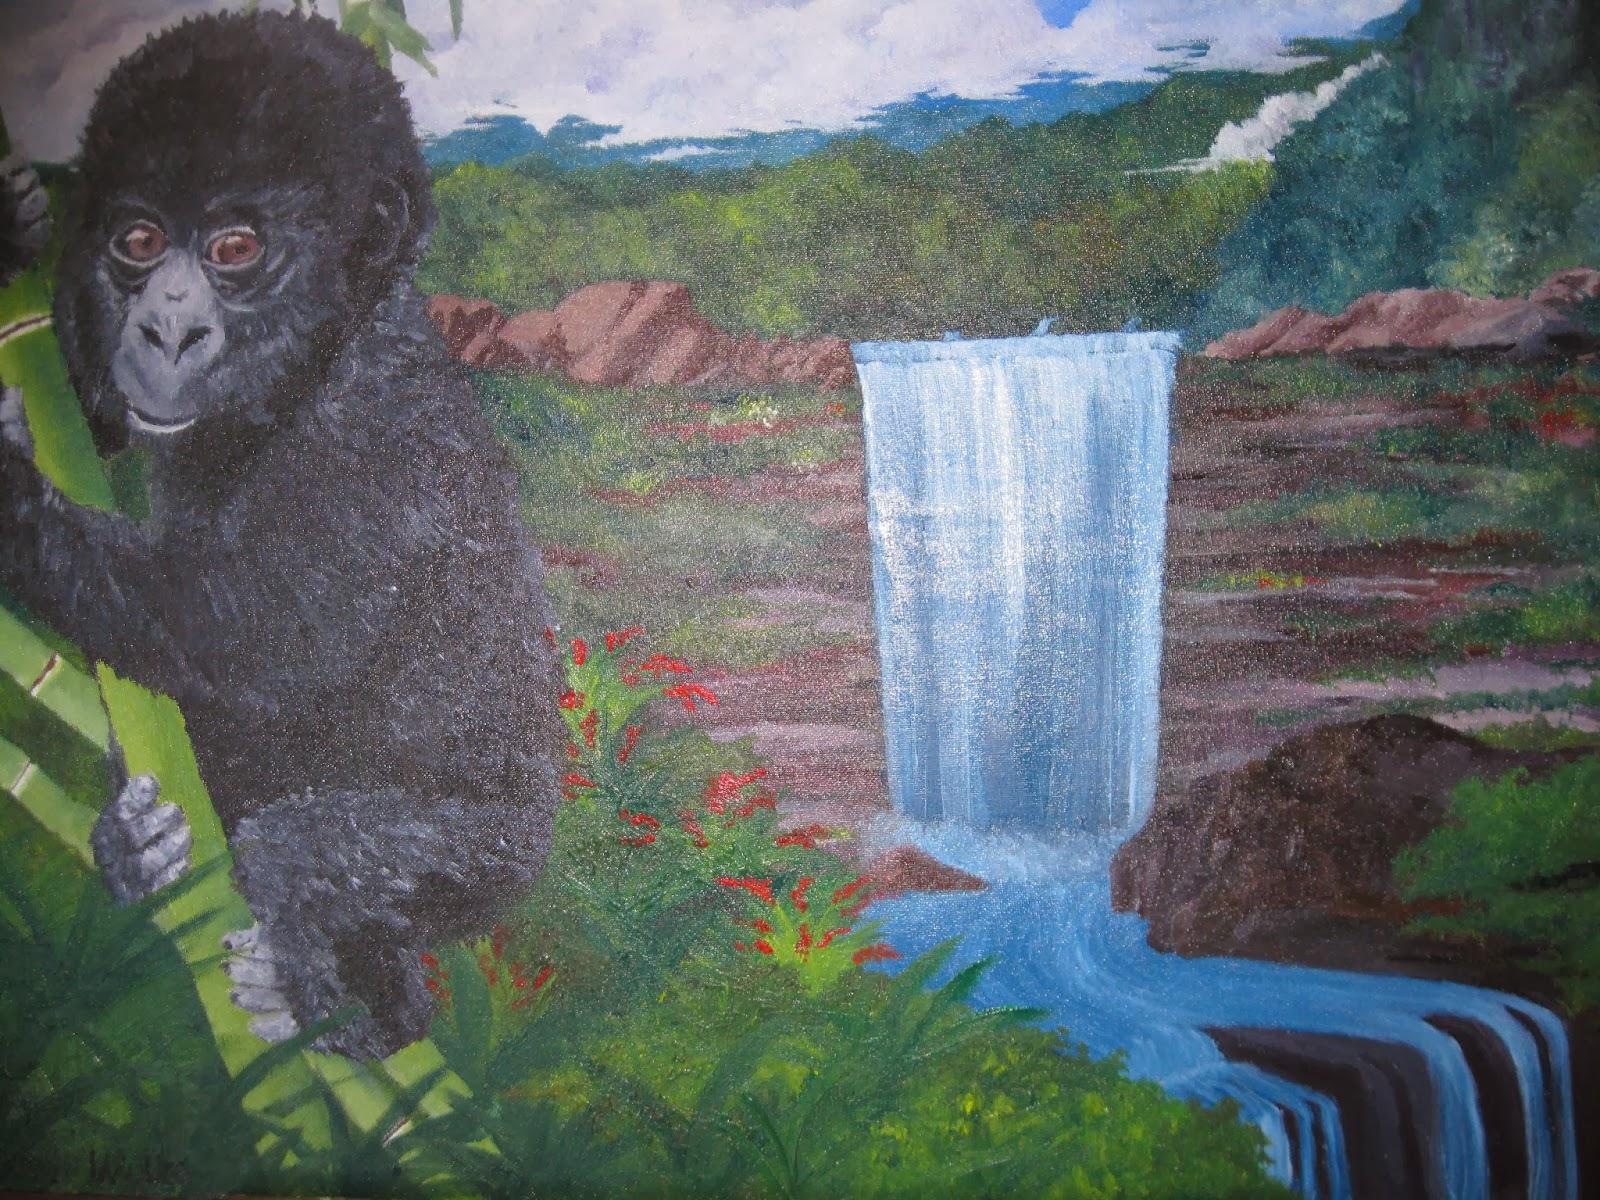 Baby Gorilla in Jungle